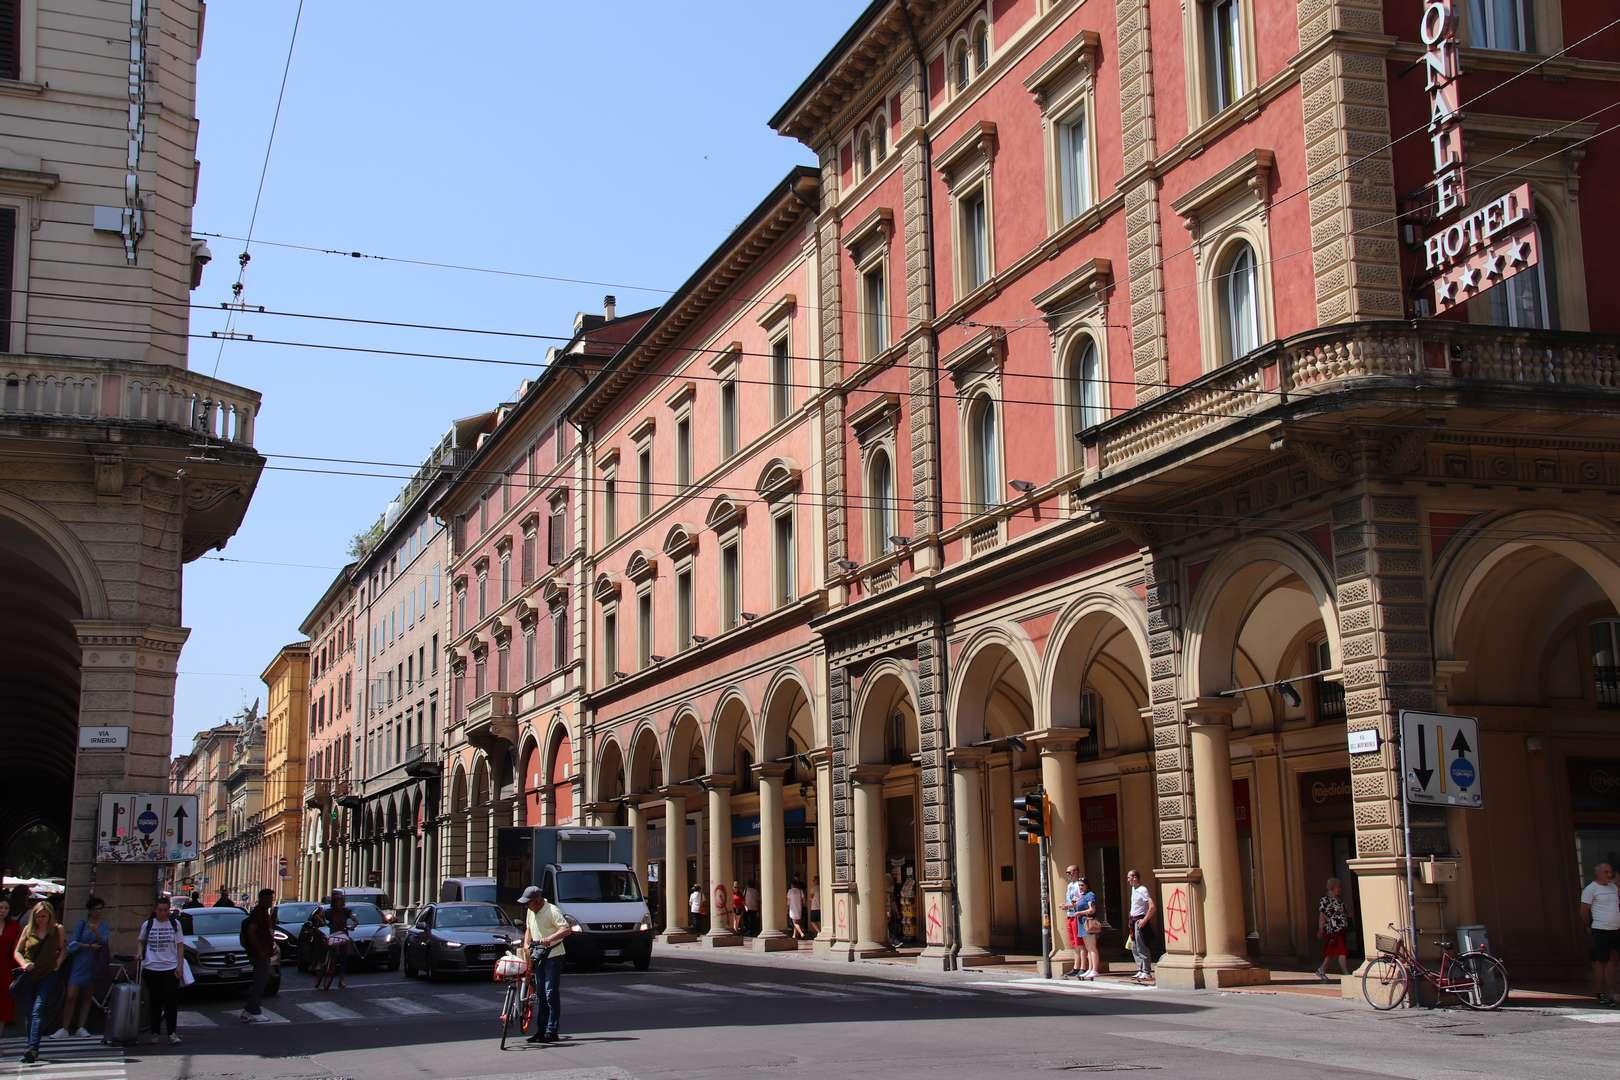 Italie - Via Dell' Indipendenza à Bologne